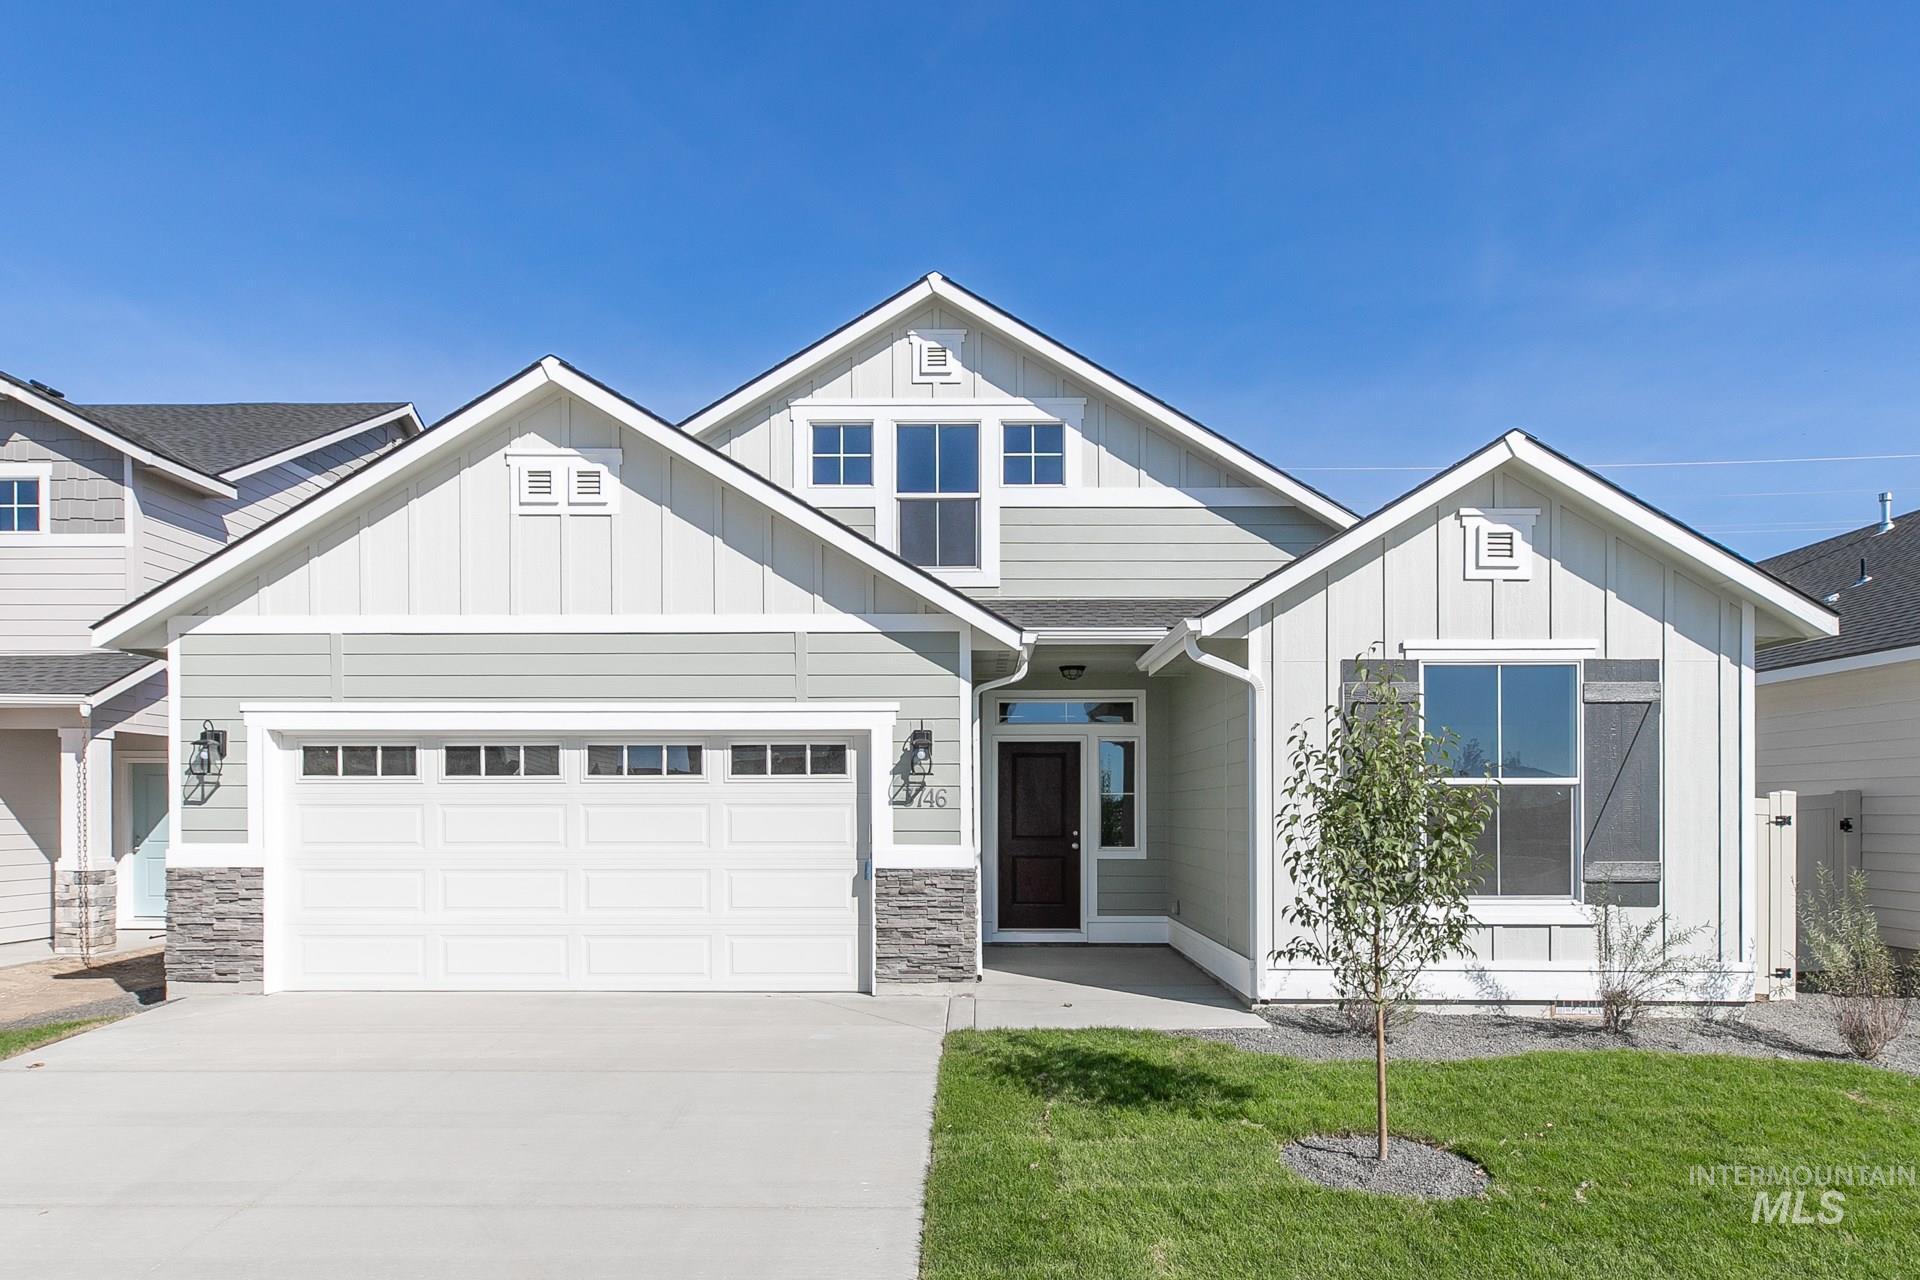 4999 W Ladle Rapids Dr Property Photo